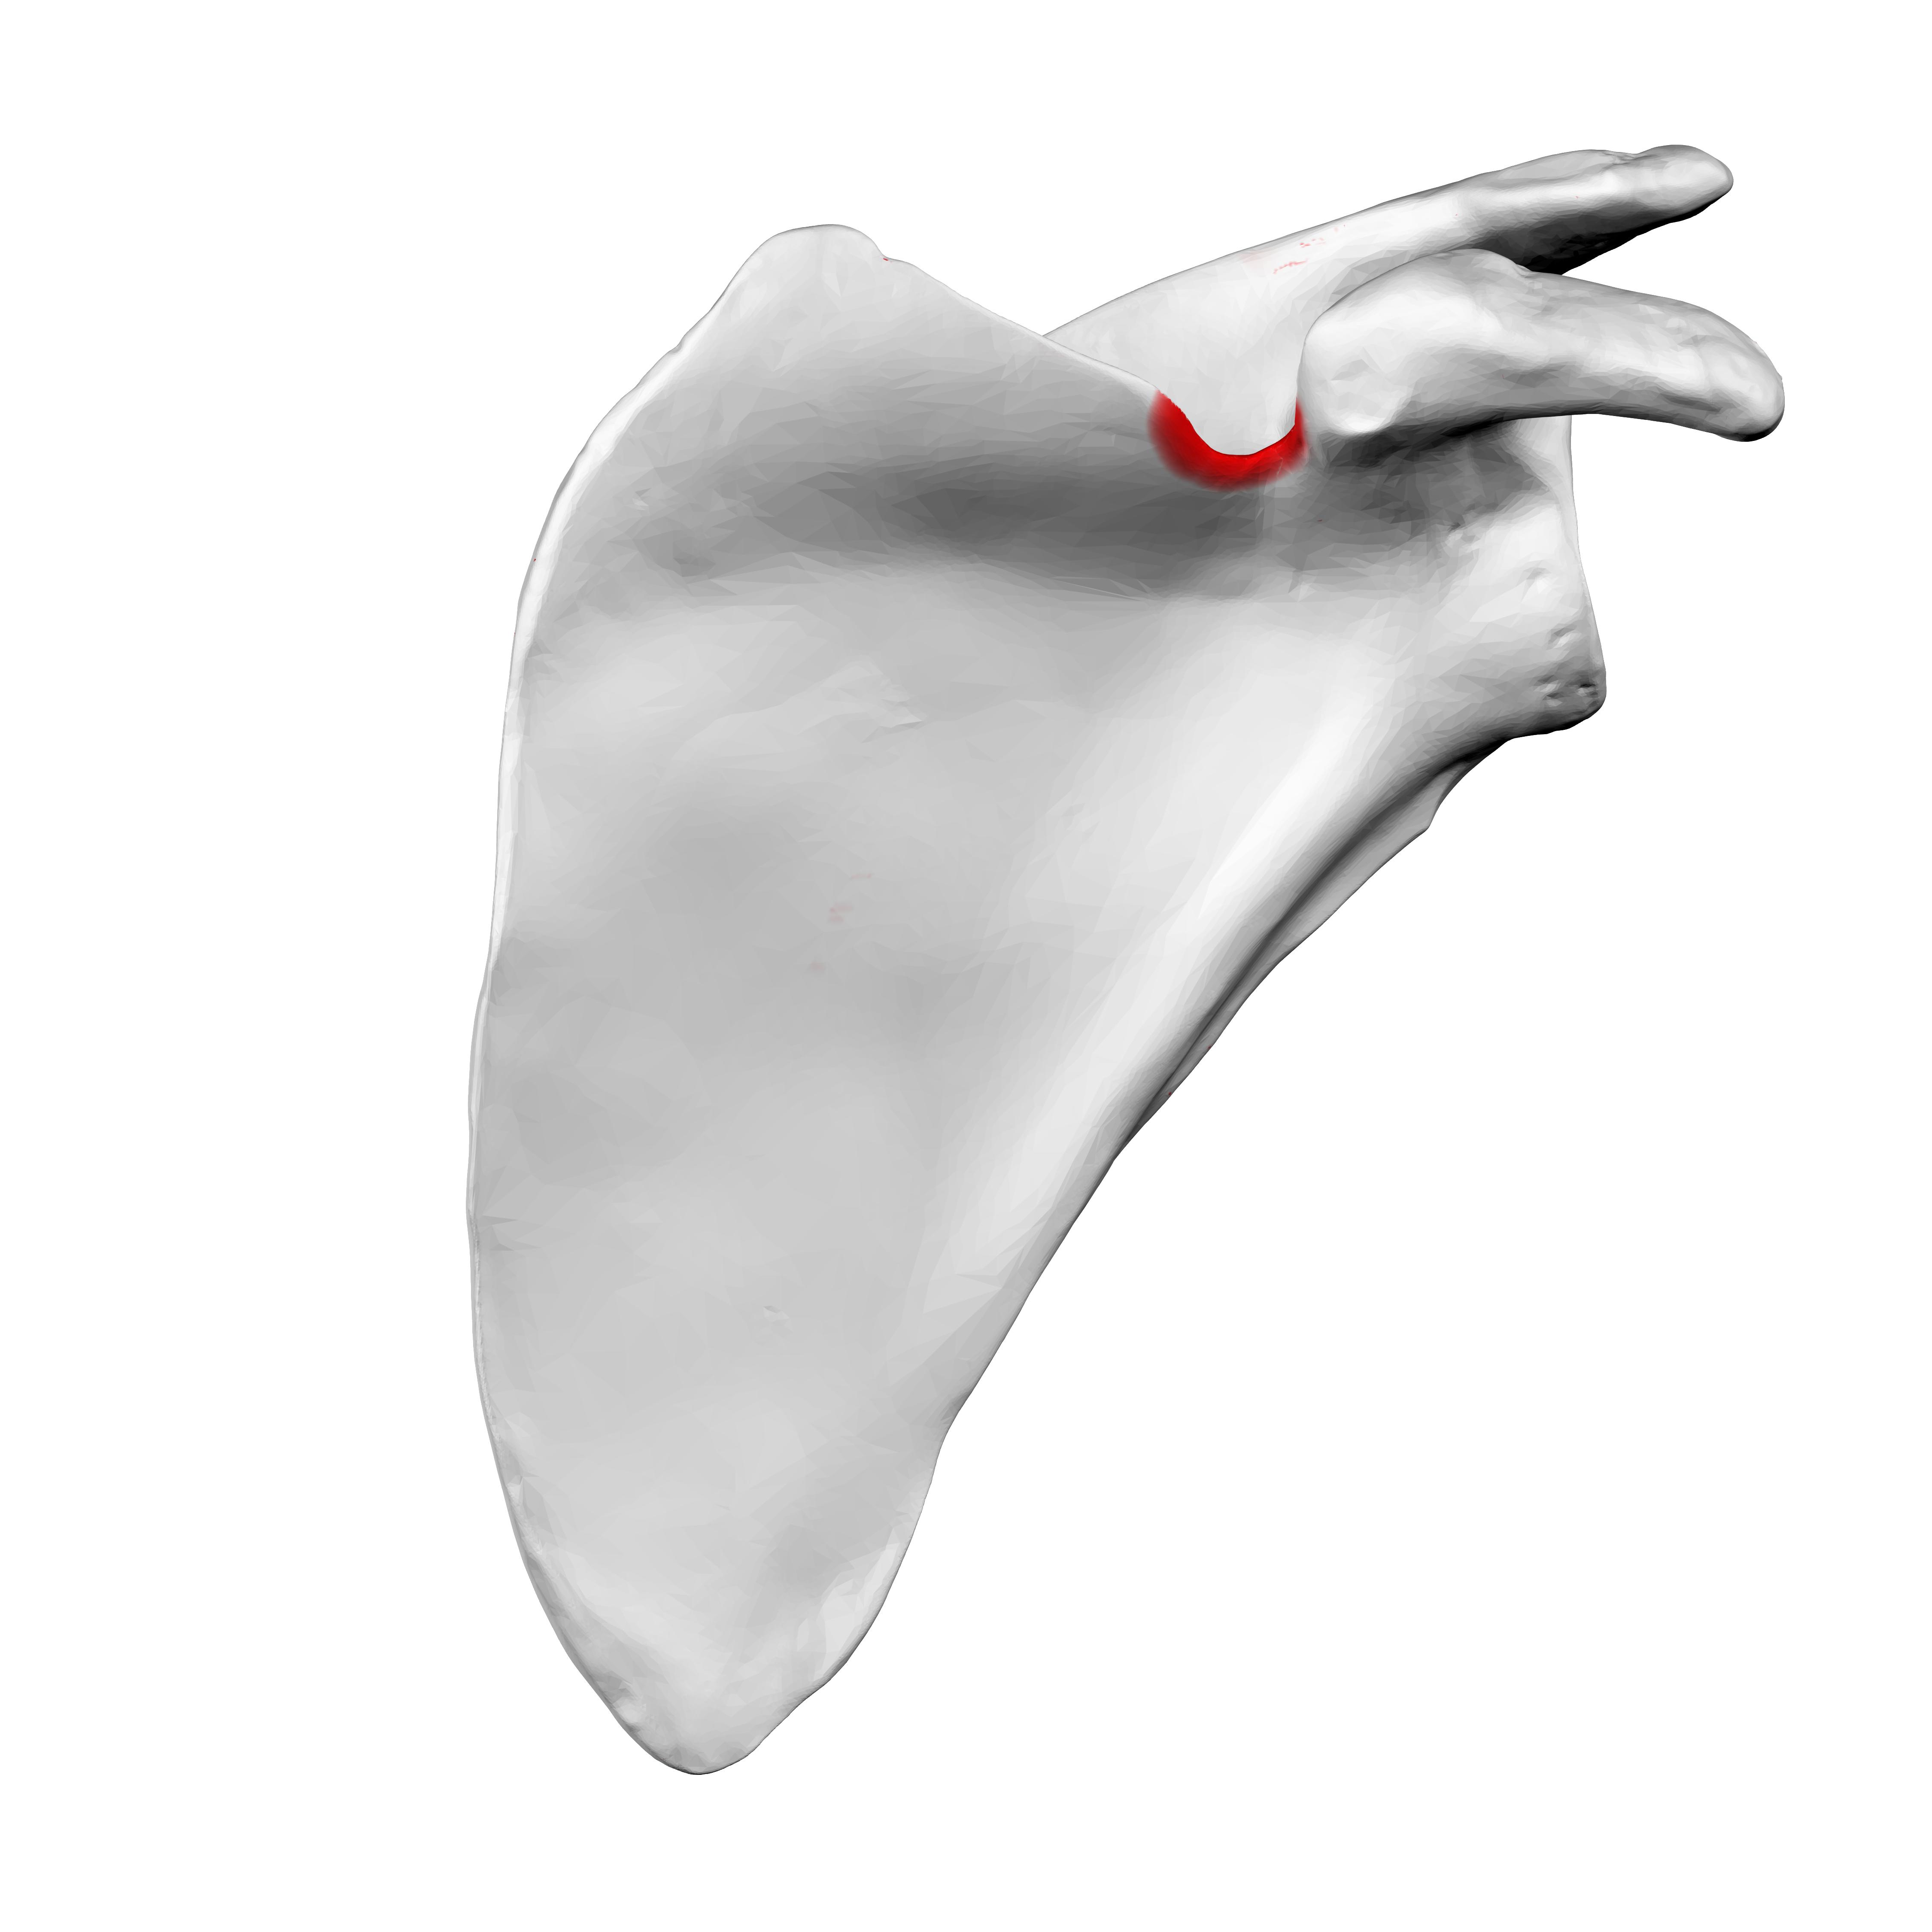 File:Suprascapular Notch Of Left Scapula03.png